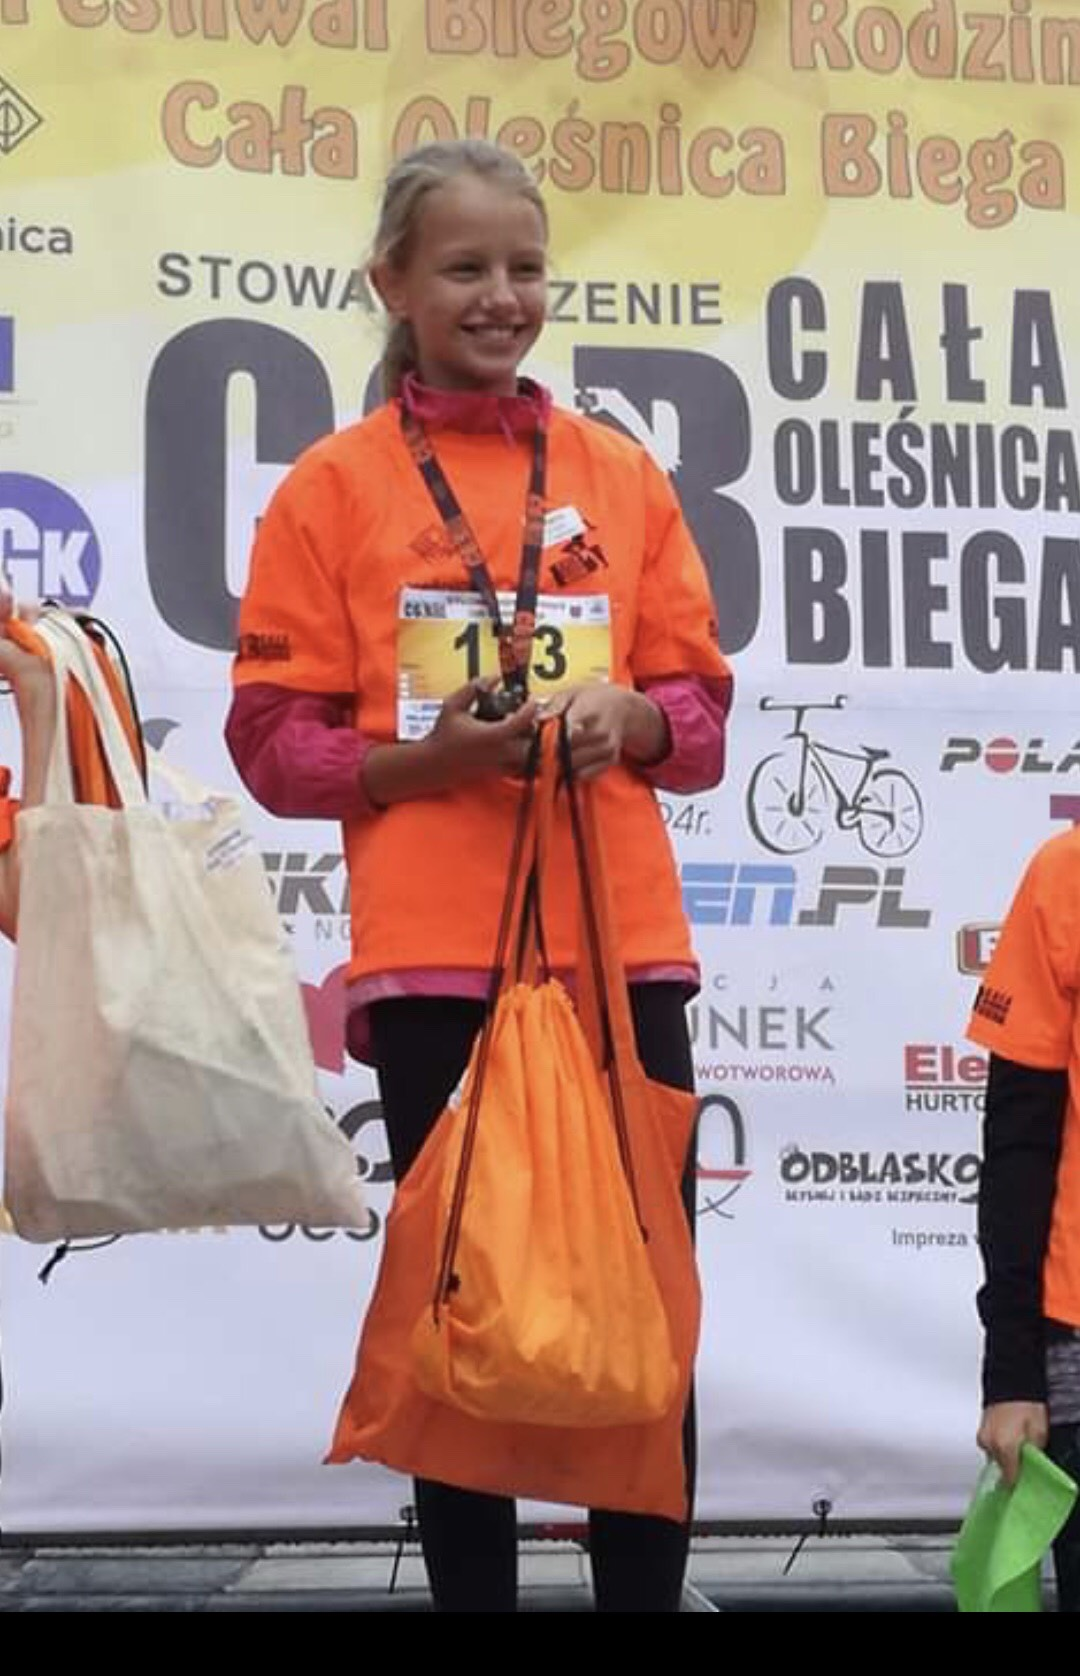 Cała Oleśnica Biega - 1 miejsce w biegu na 200 m